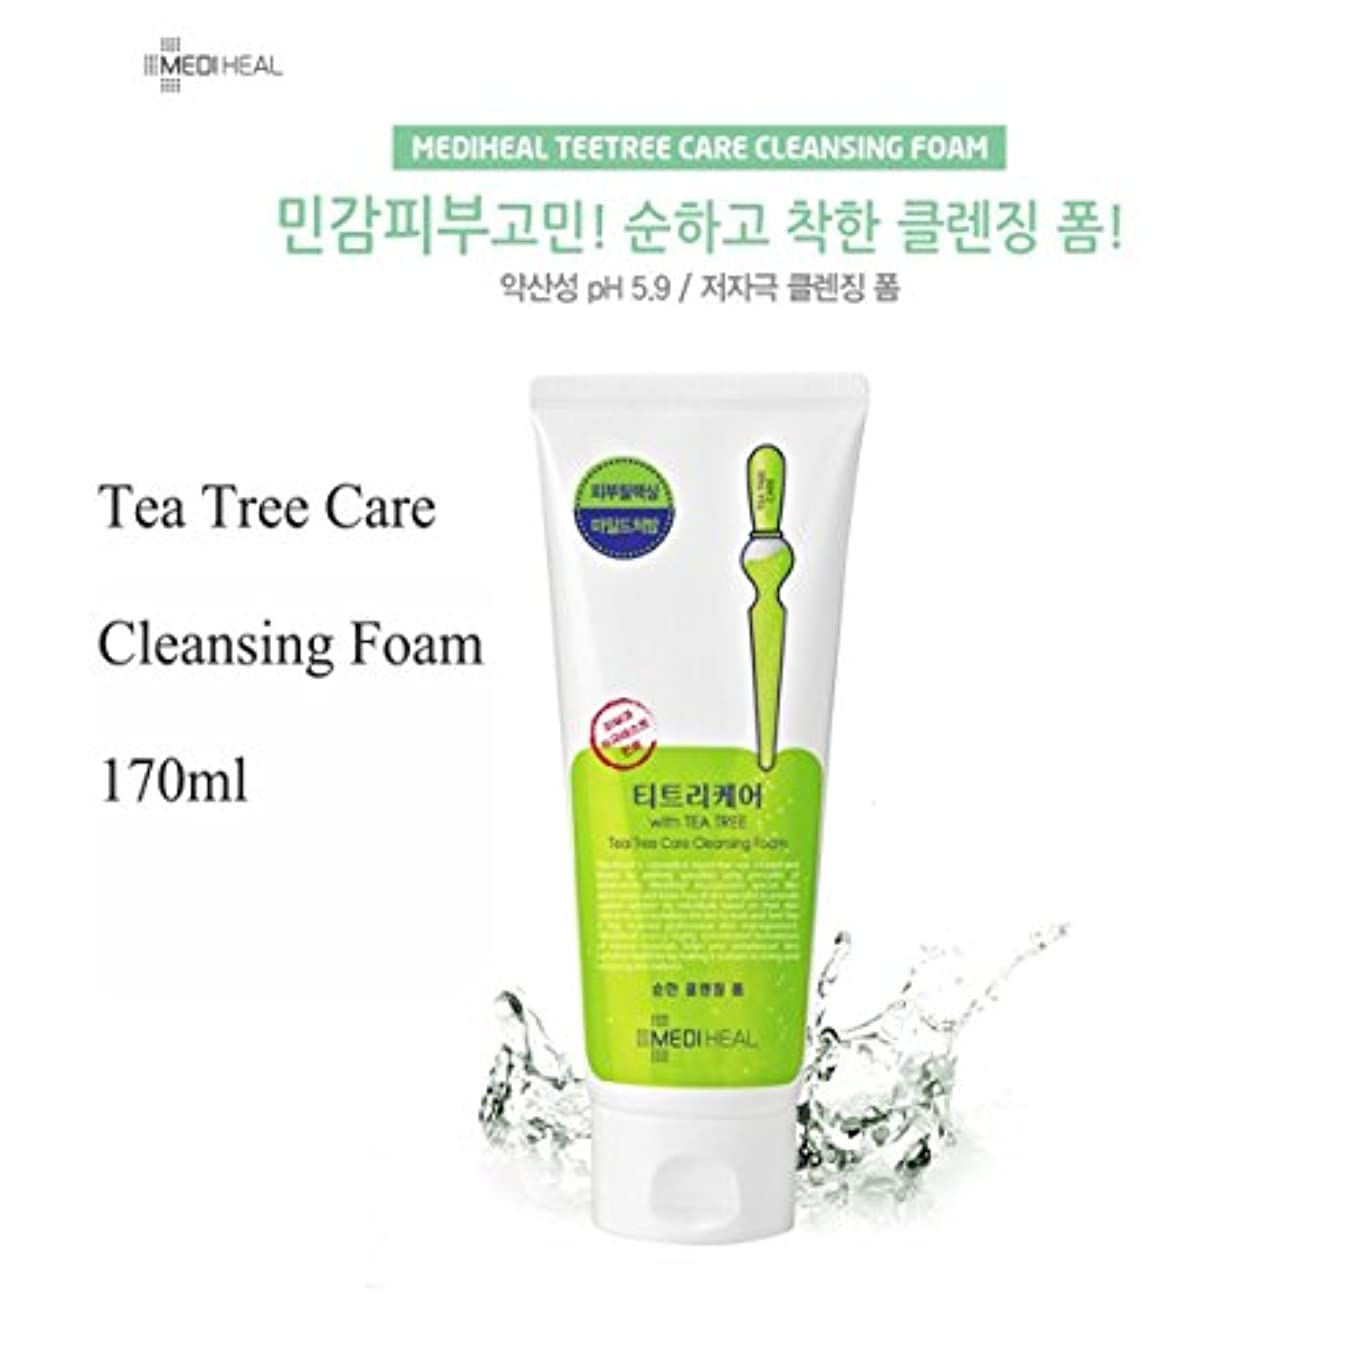 アルコーブ超越する囲い【正規輸入品】MEDIHEAL Tea Tree Foam Cleansing 170ml/メディヒール ティー ツリー フォーム クレンジング 170ml